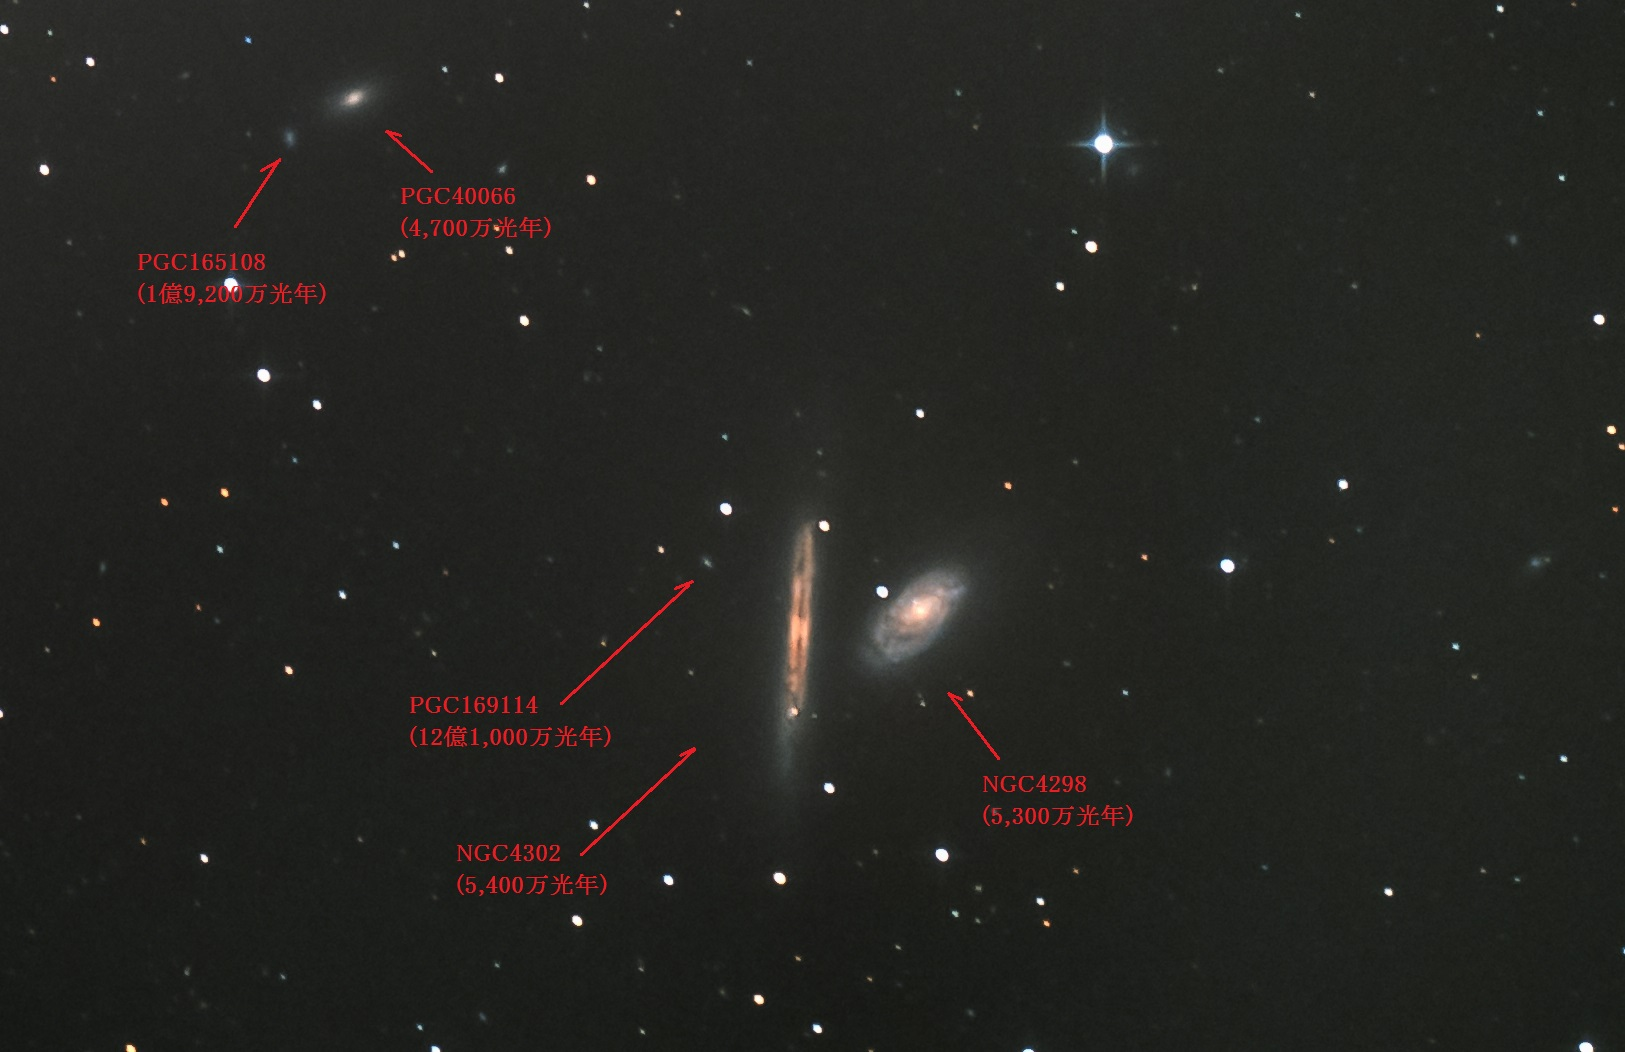 NGC4298 4302名称